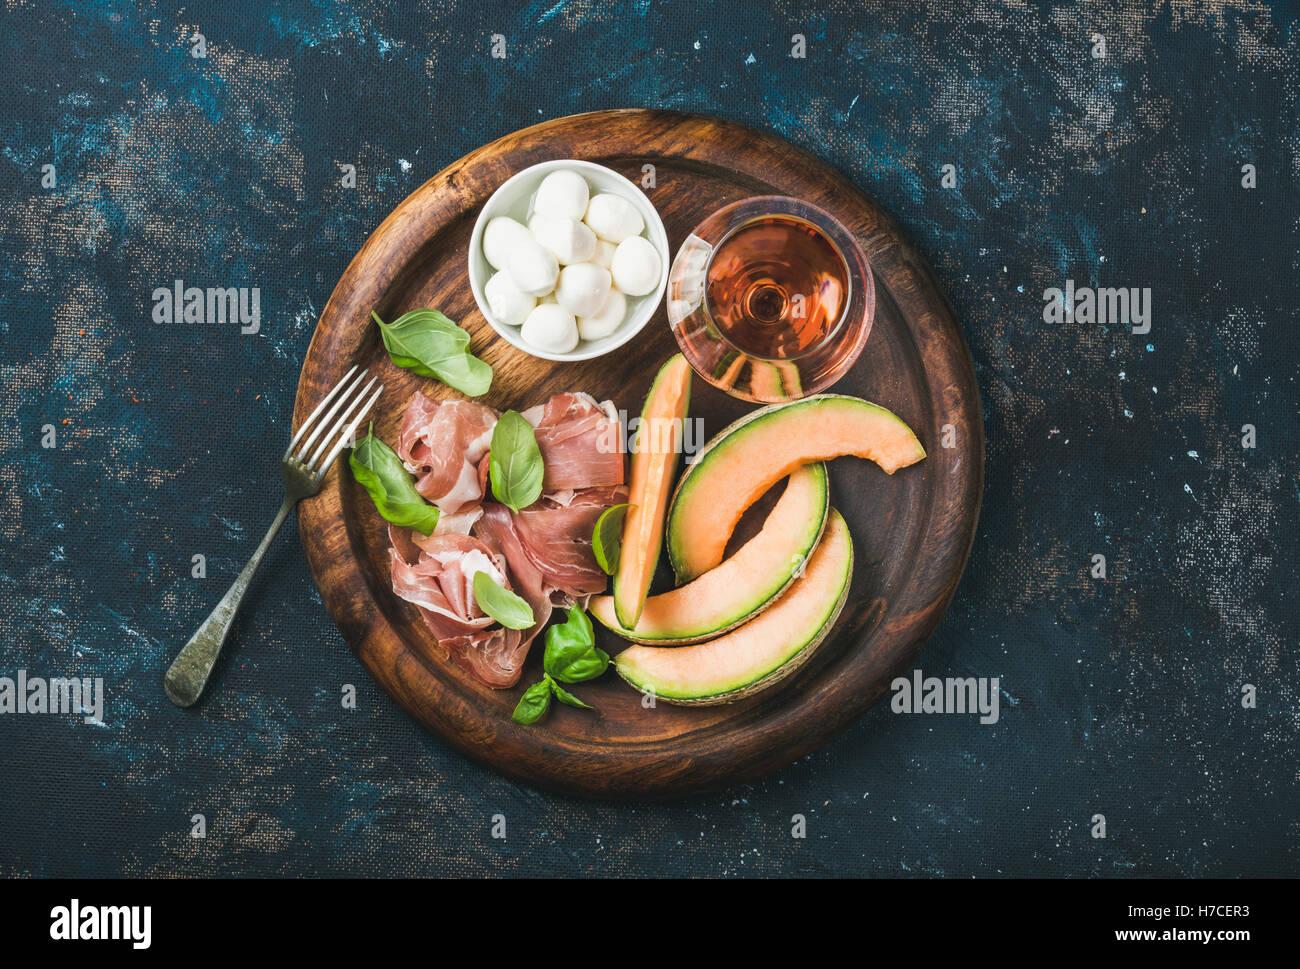 Prosciutto di Parma, cantaloup, melon mozzarella dans bol, feuilles de basilic frais et un verre de vin rose ronde Photo Stock